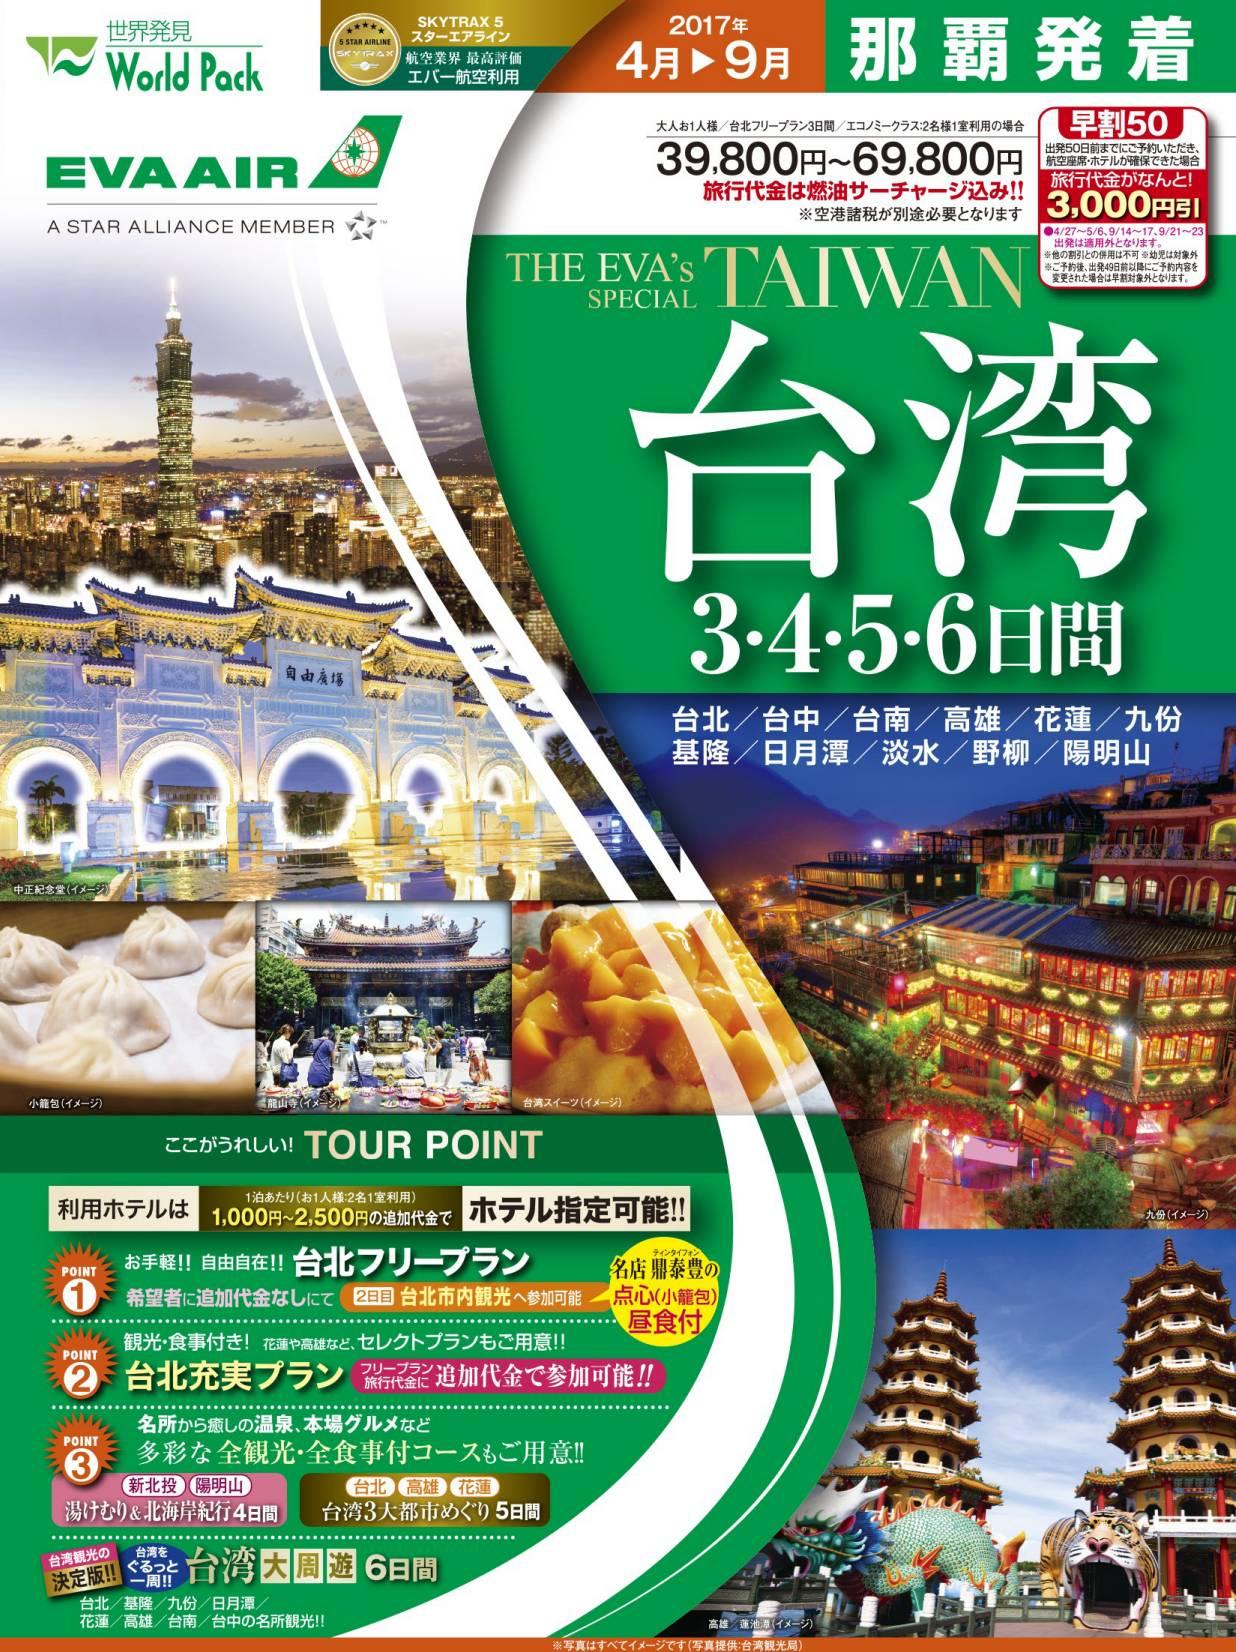 エバースペシャル台湾 3・4・5・6日間 17年4月~17年9月 那覇発 台湾ツアー